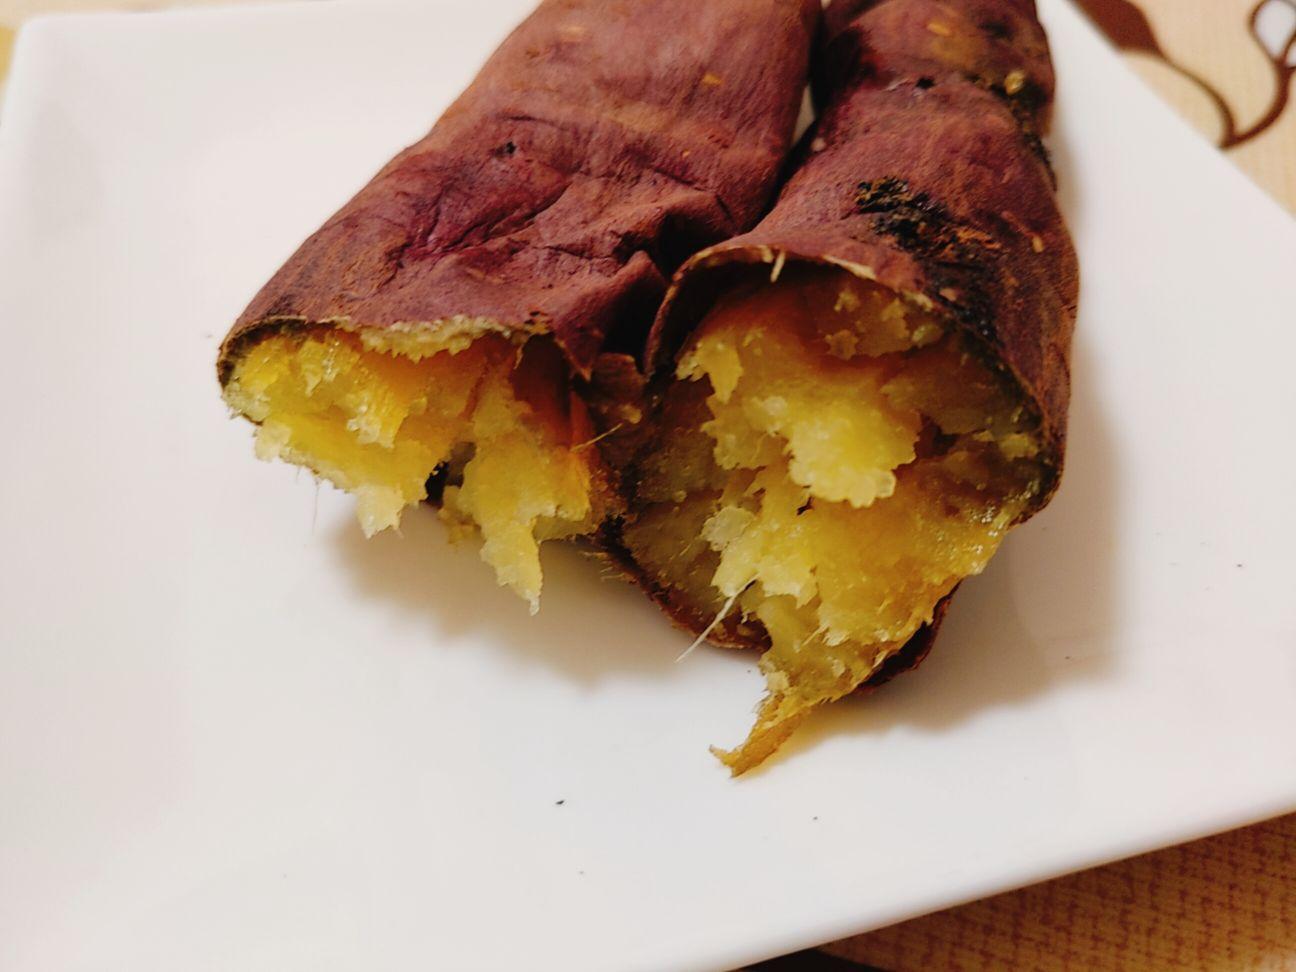 PAKUPAKUの焼き芋